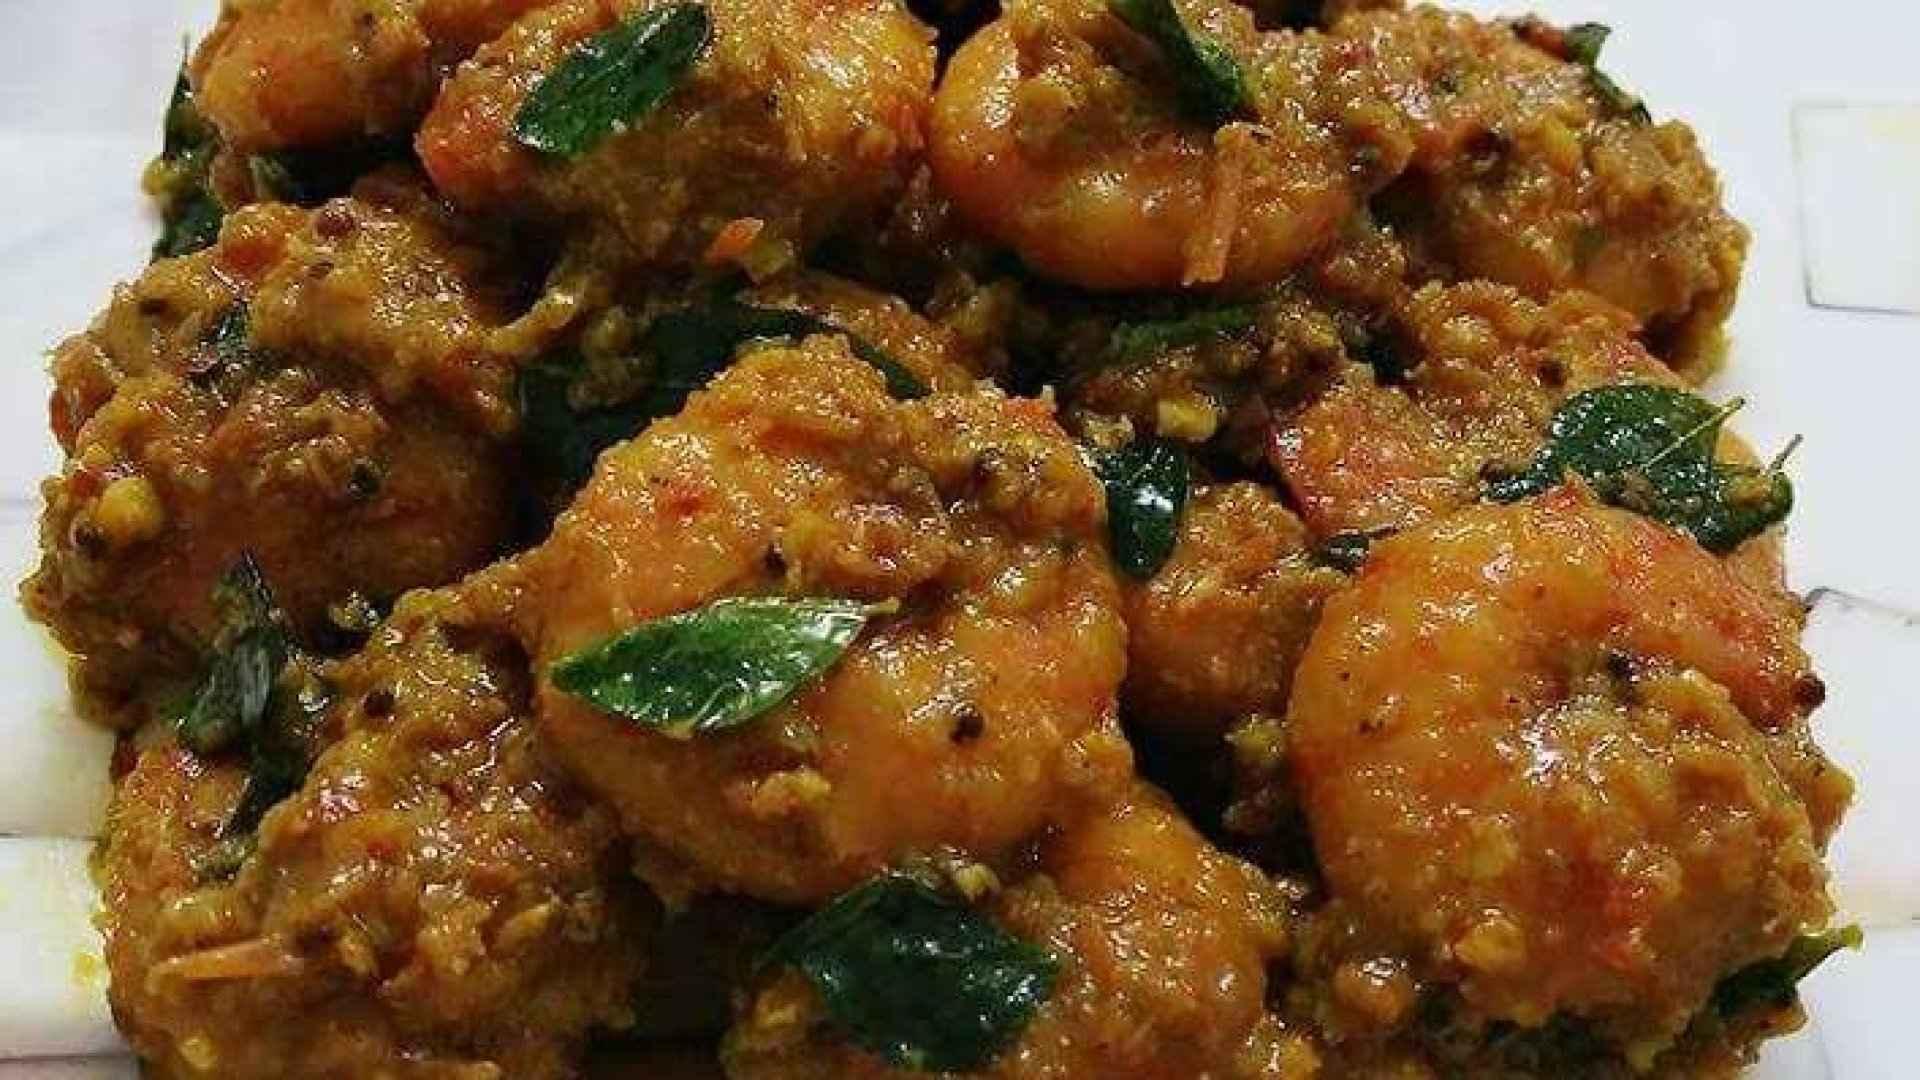 Prawn masala/ South Indian style prawn